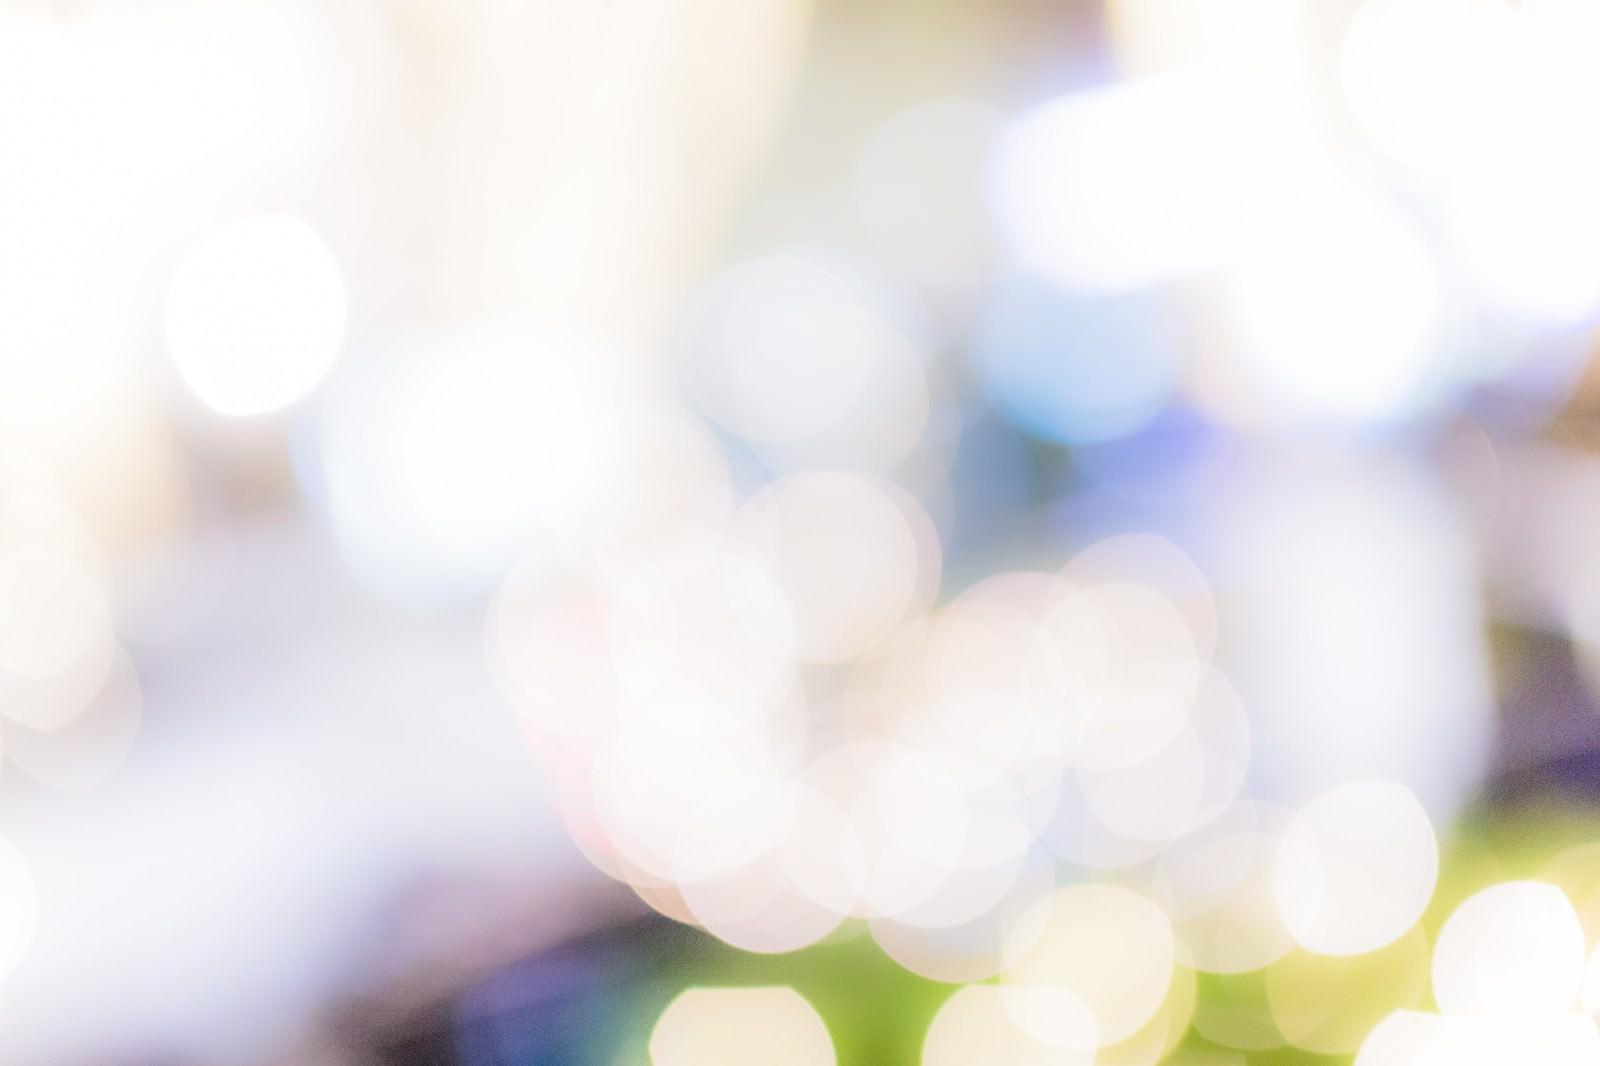 「光のボケ」の写真